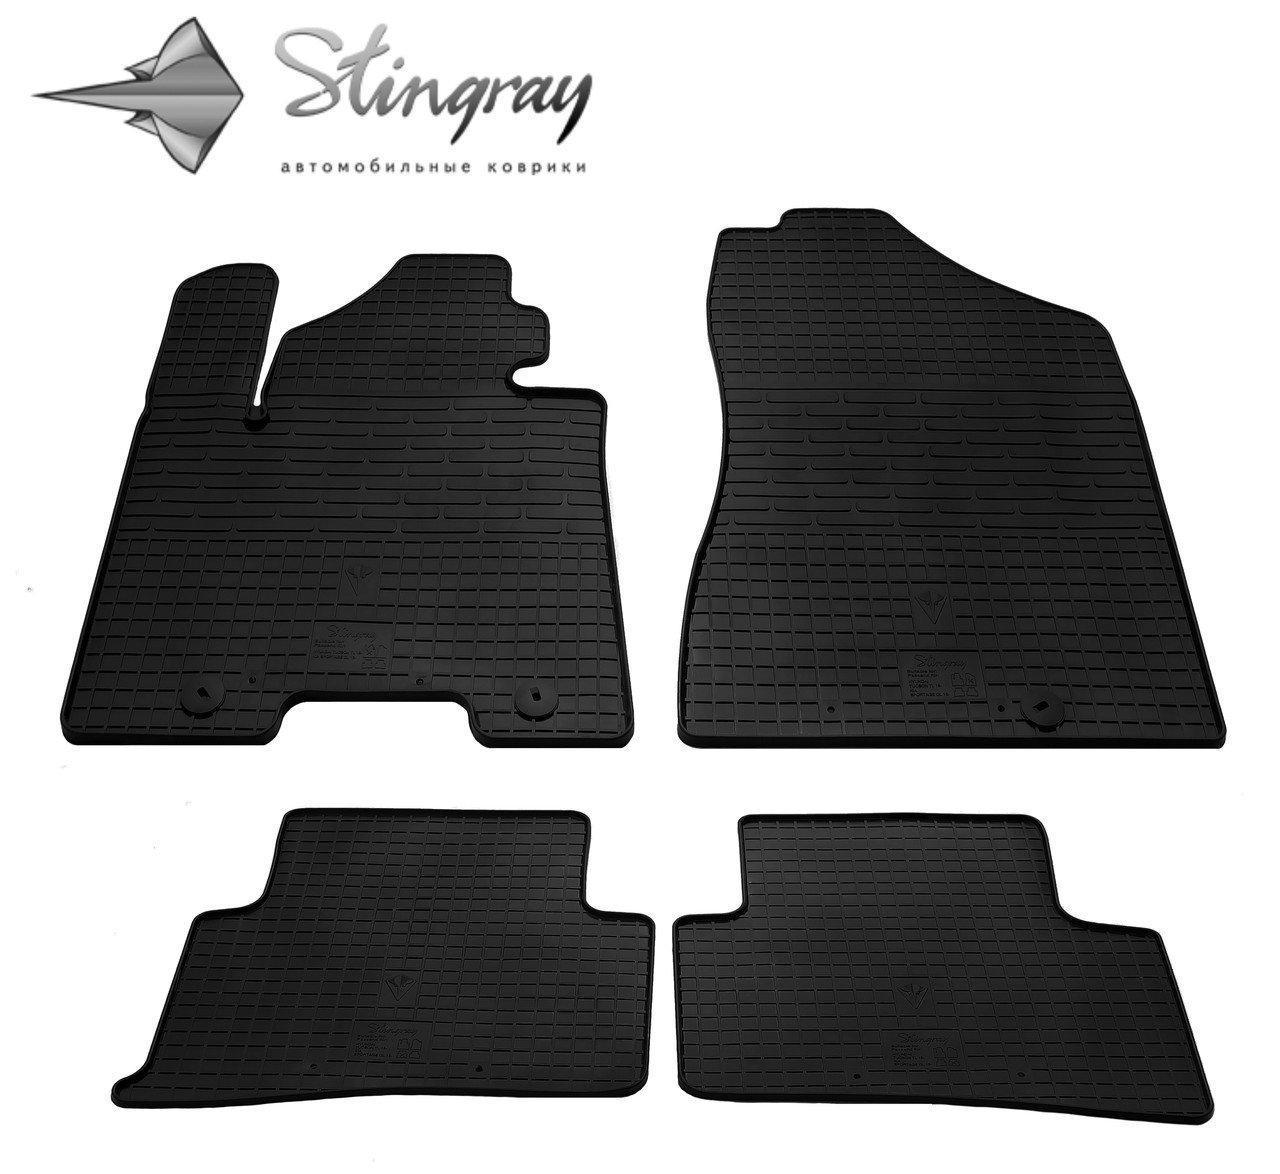 Автомобильные коврики Hyundai Tucson TL 2018- Stingray